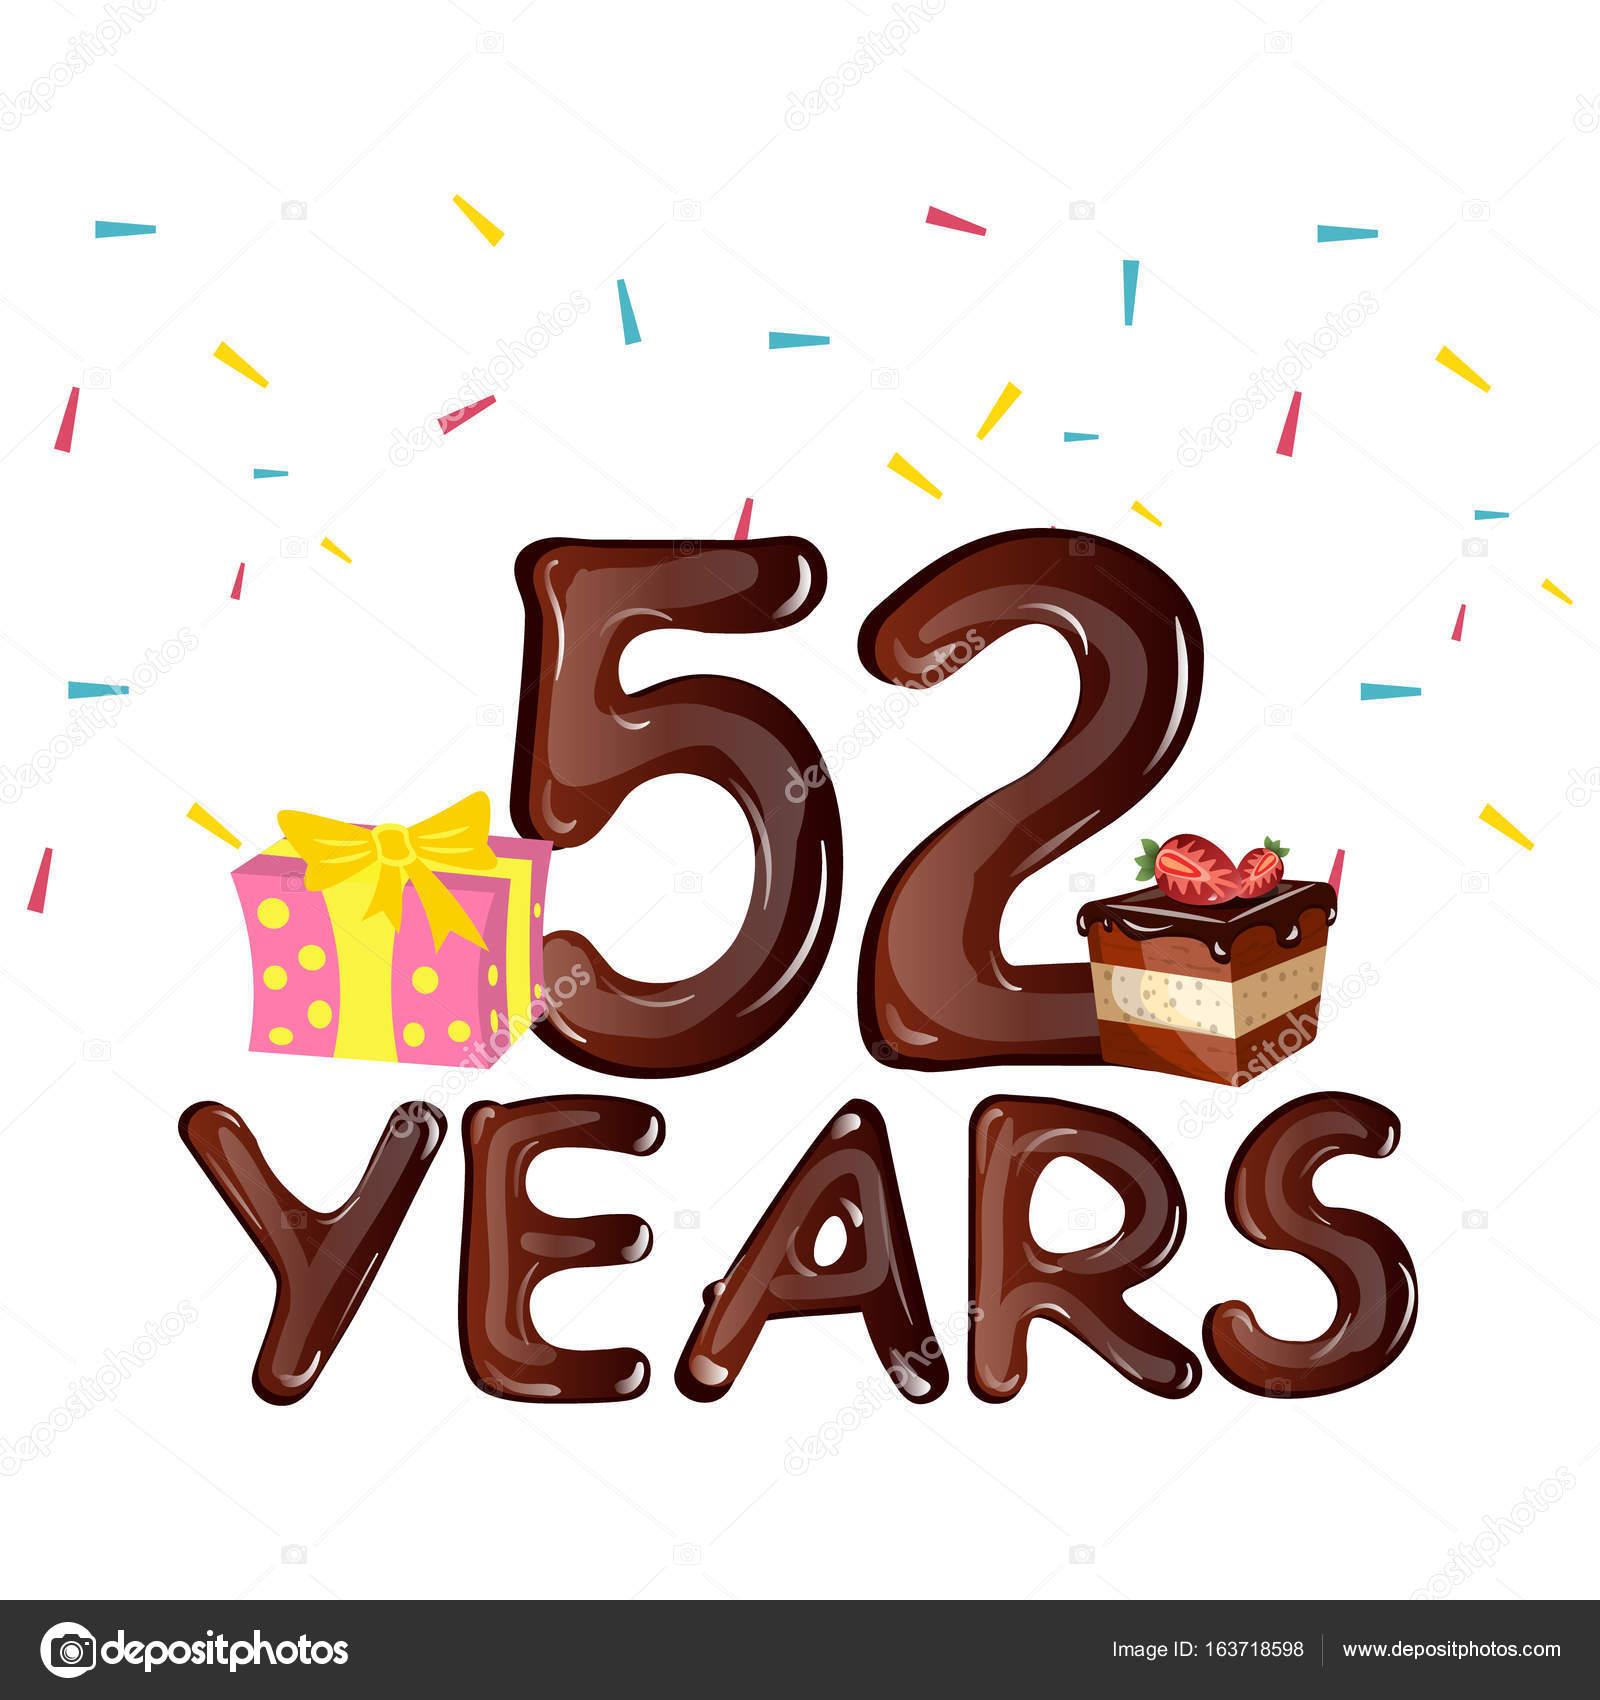 Herzlichen Glückwunsch zum Geburtstag 52 Jahre Grusskarte